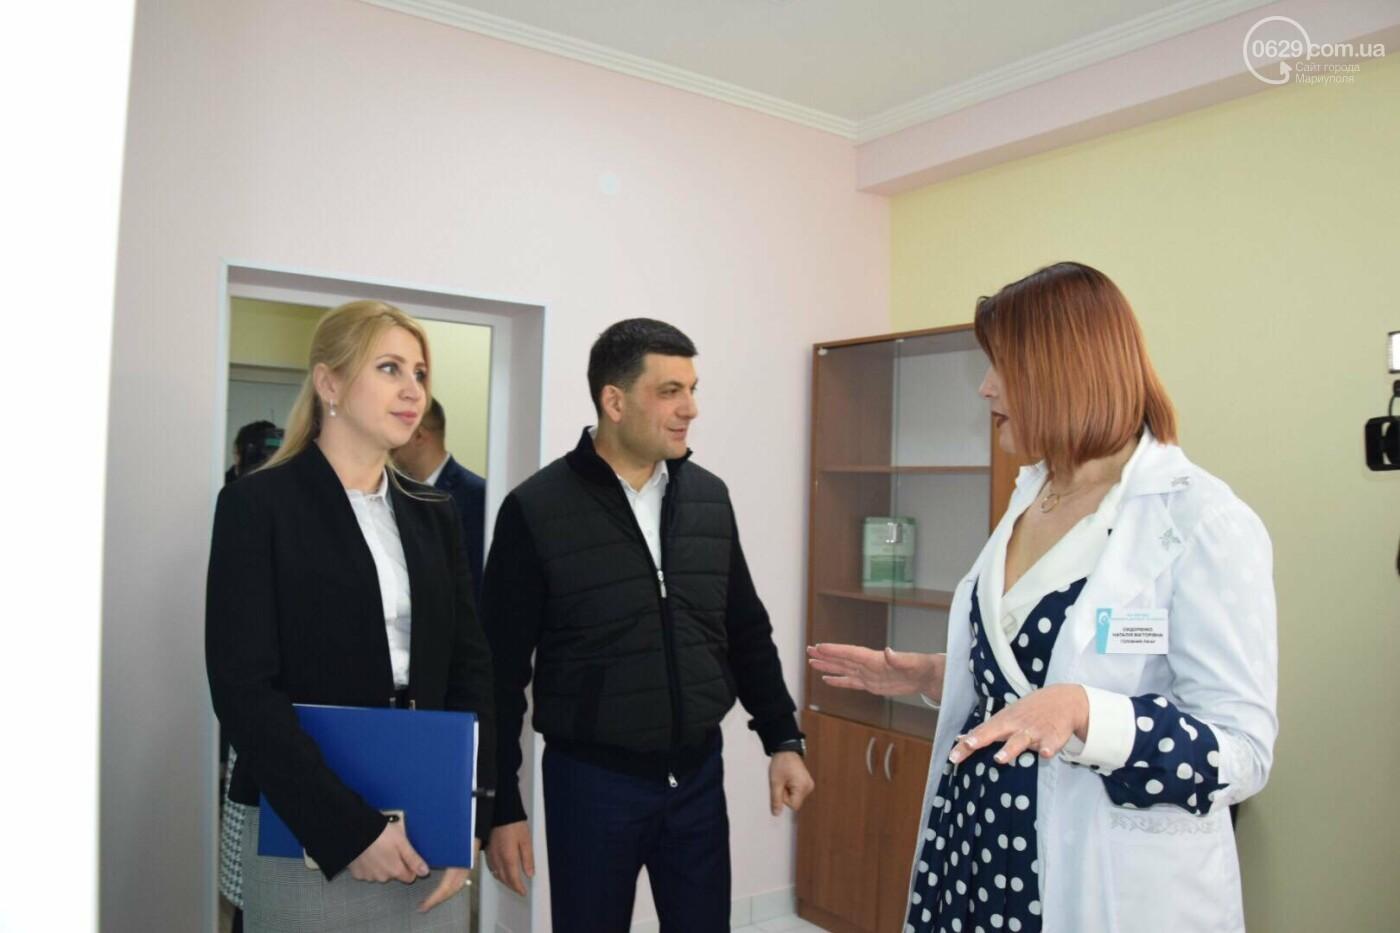 В Мариуполе Владимир Гройсман открыл детскую поликлинику и познакомился с Сережей, - ФОТОРЕПОРТАЖ, ВИДЕО, фото-31